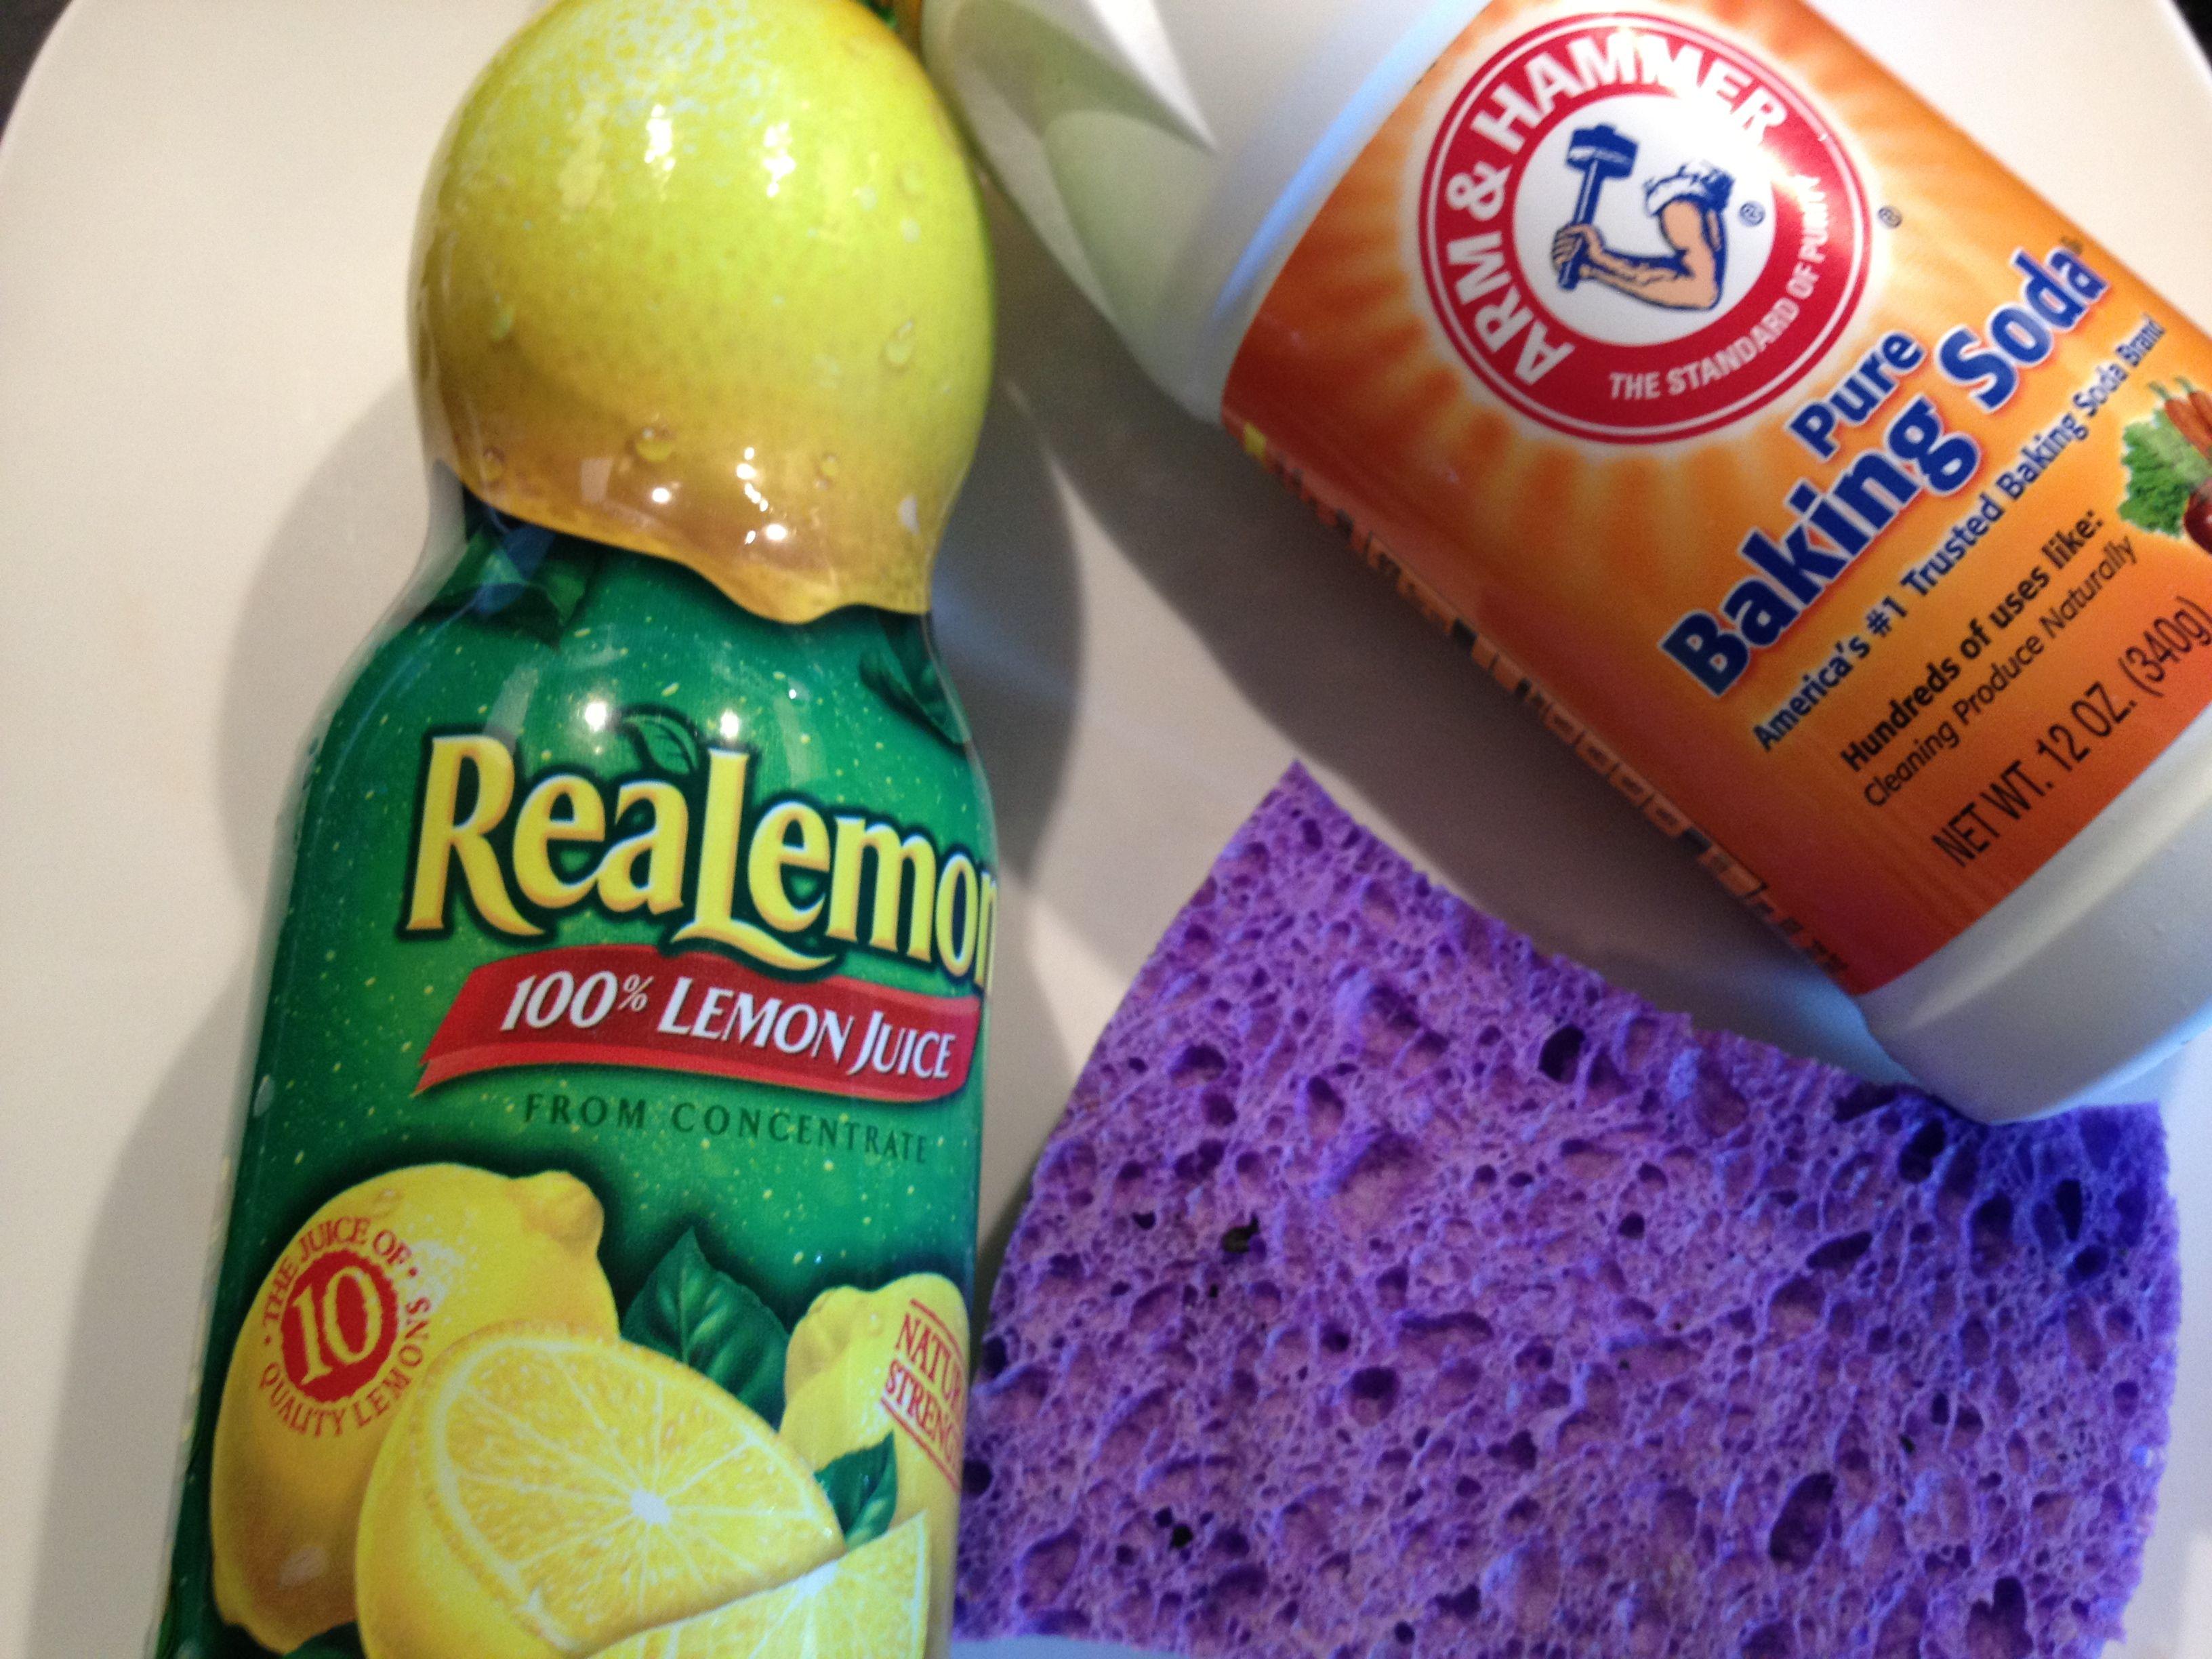 Lemon Juice Baking Soda Is A Natural Kitchen Cleaner Arts Crafts Diy Pinterest